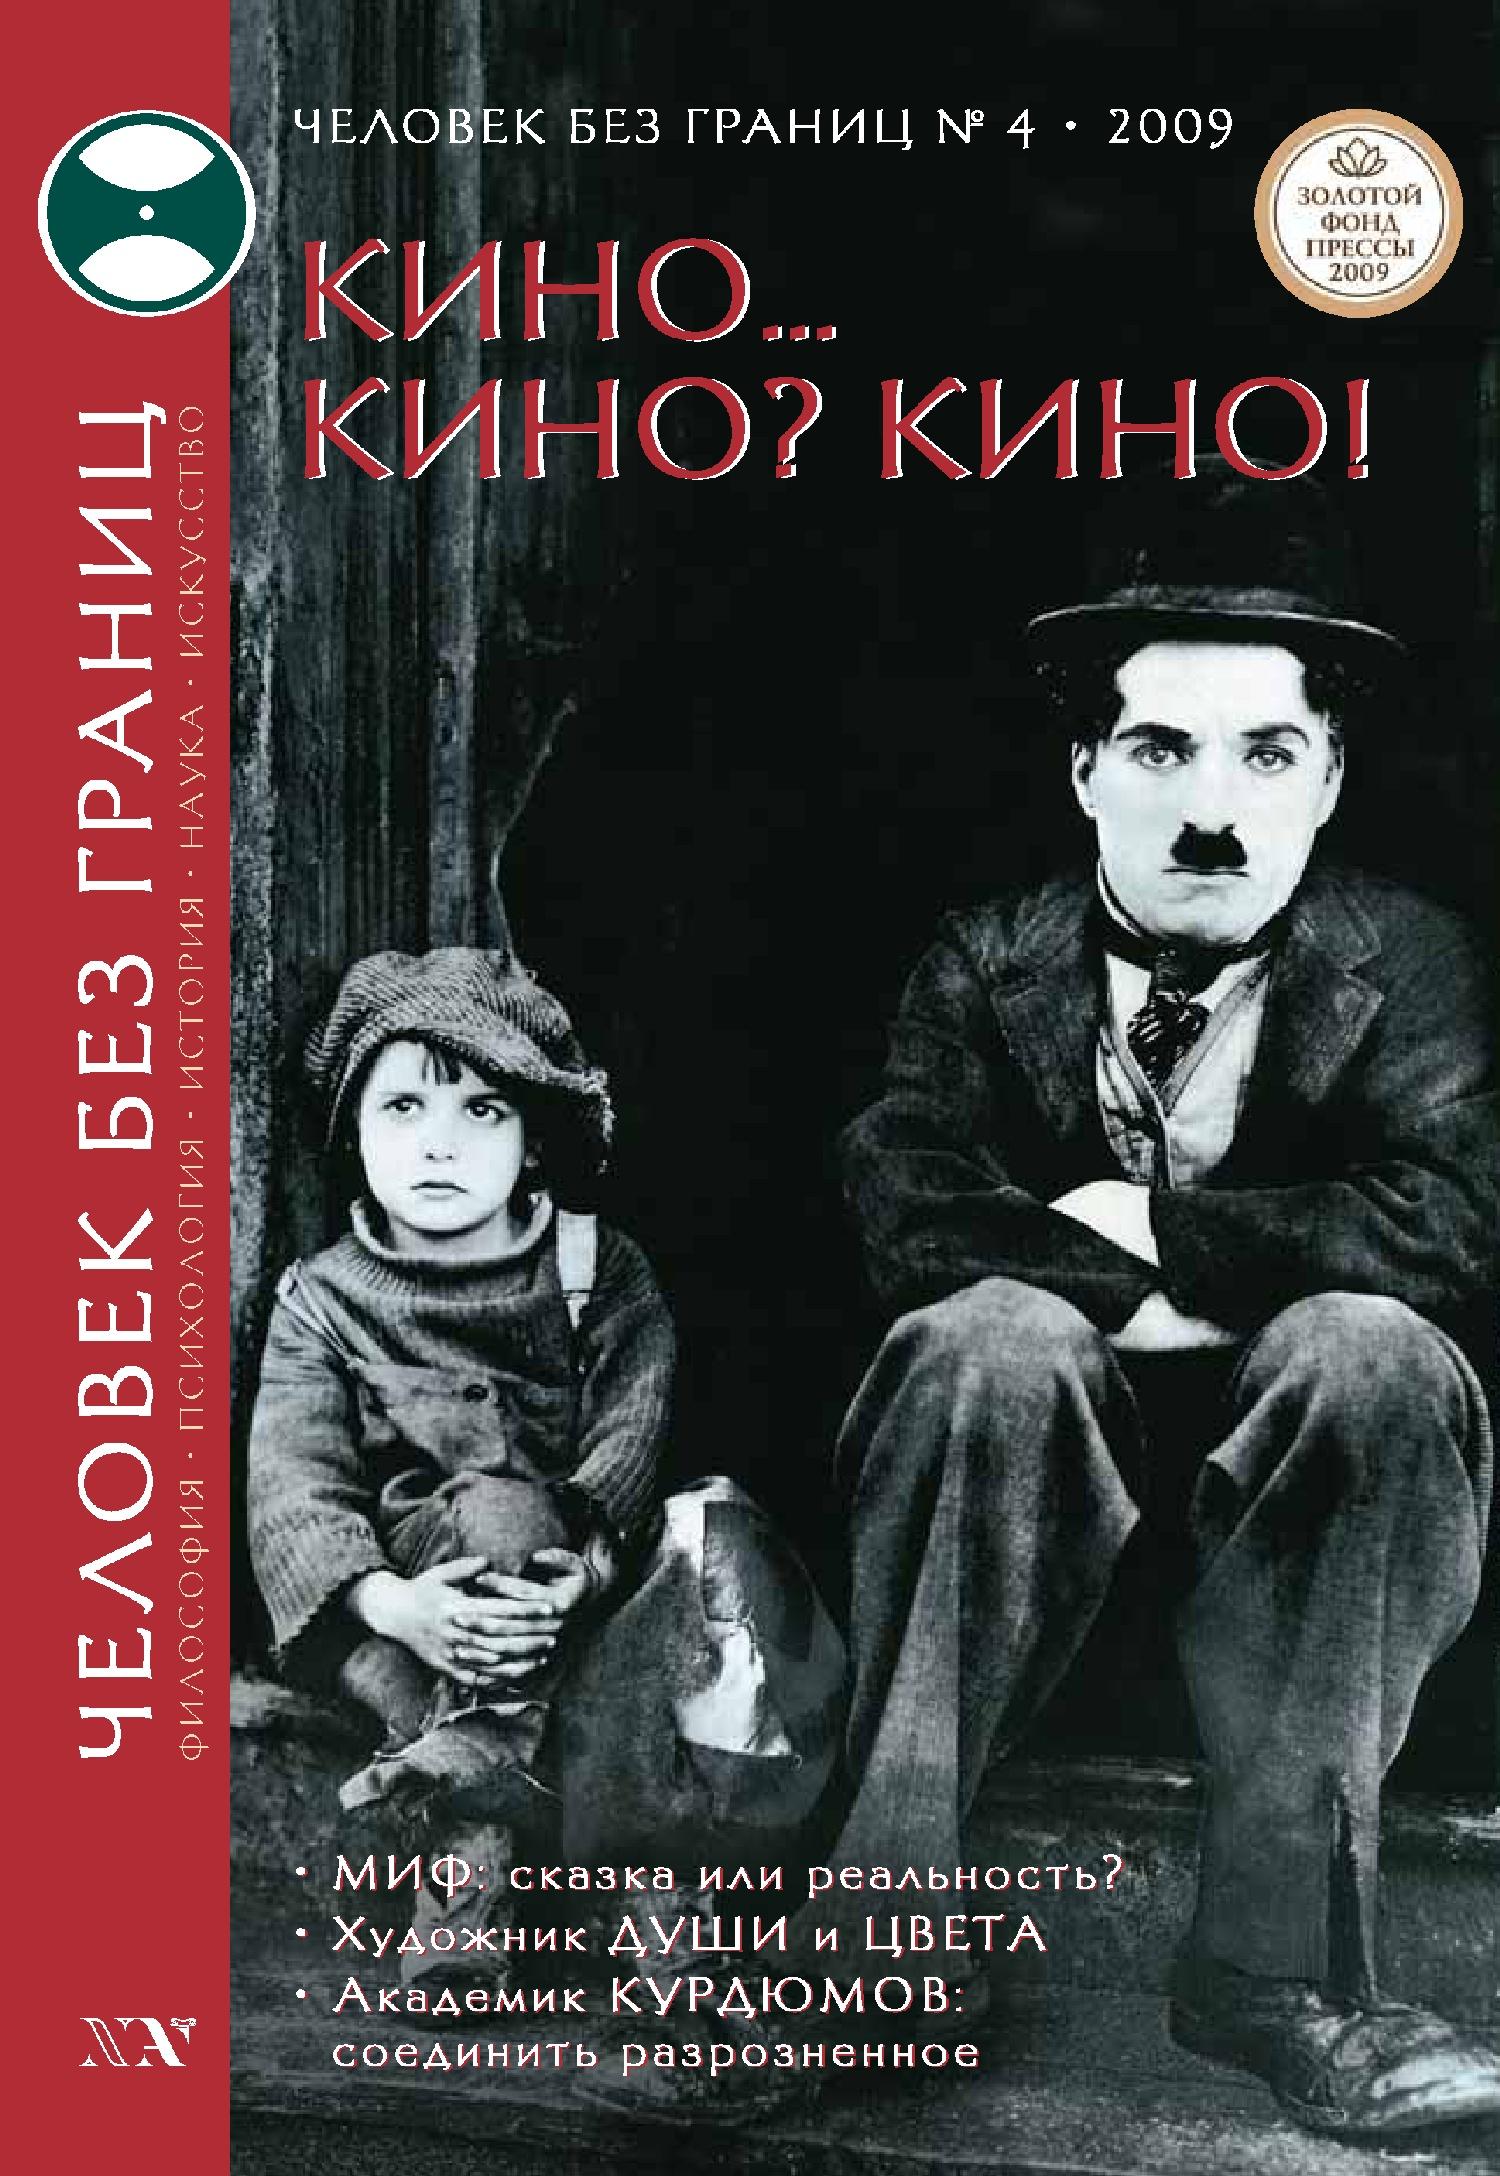 Отсутствует Журнал «Человек без границ» №4 (41) 2009 арман кишкембаев лирика без границ часть 2